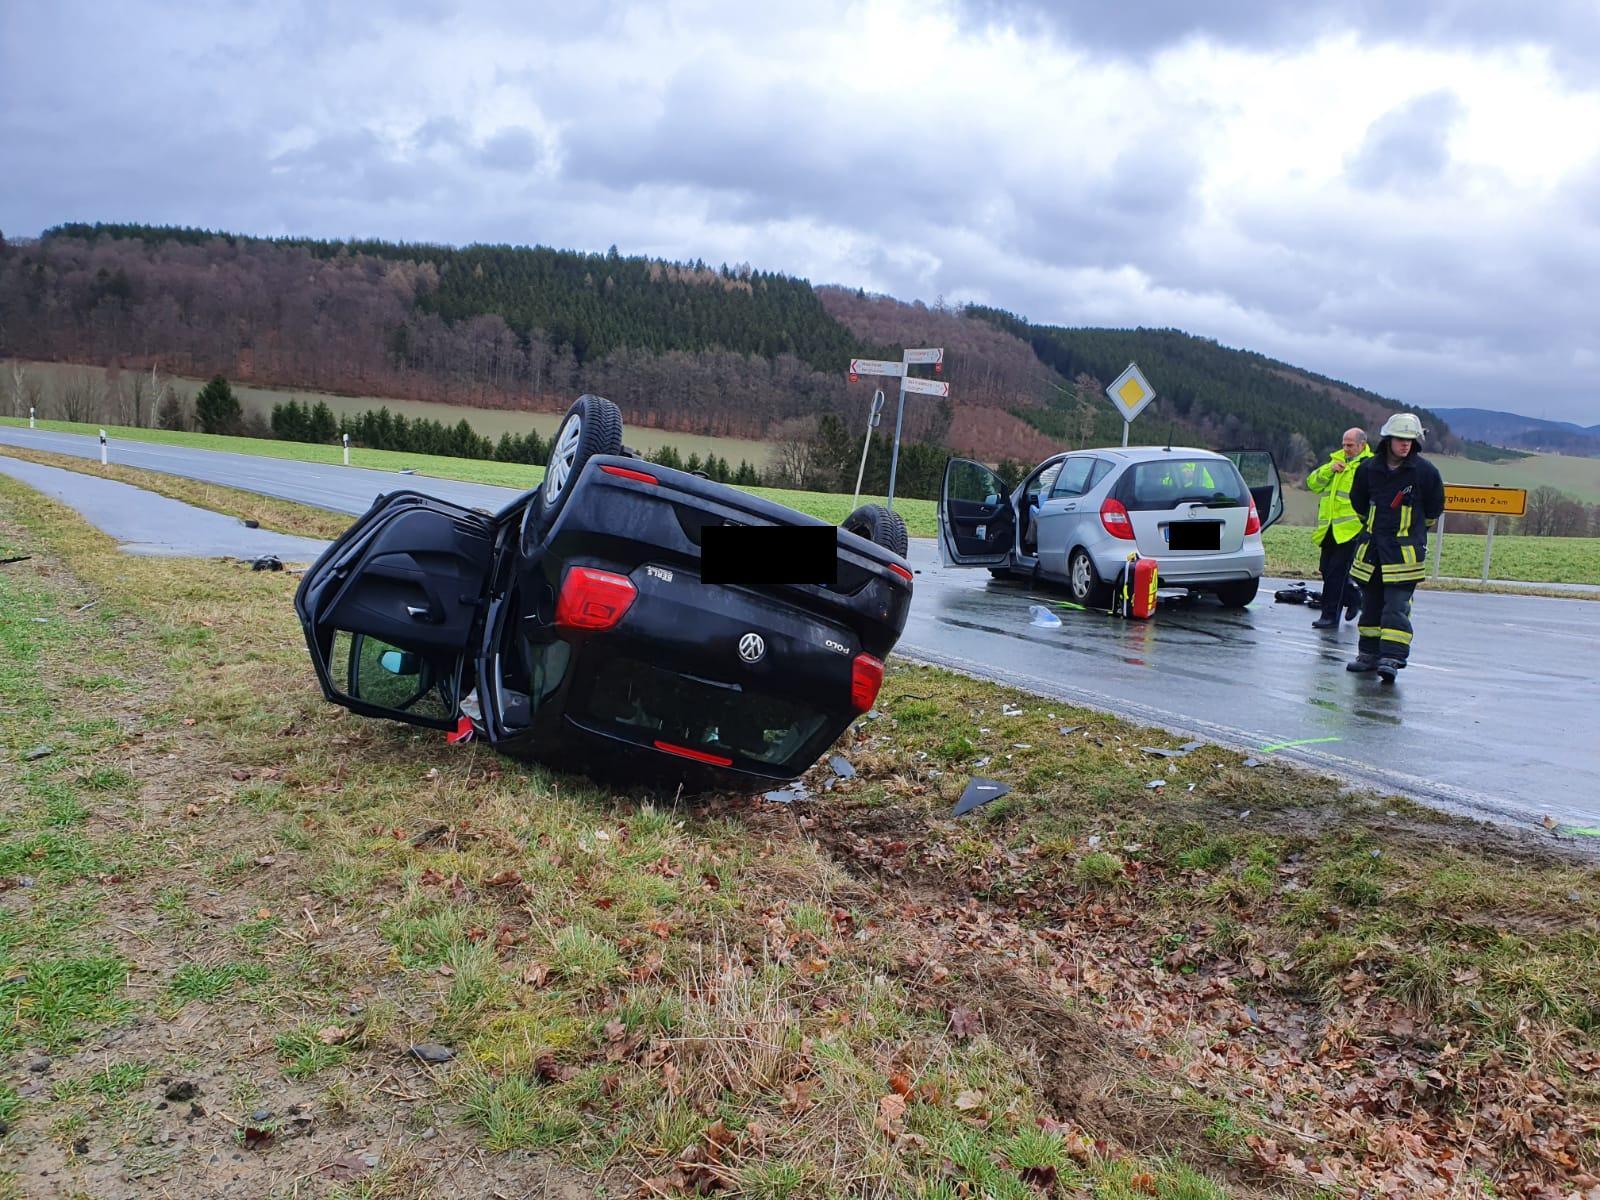 Schwerer Verkehrsunfall mit drei Verletzten an der Einmündung Kreisstraße 31/25 zwischen Wormbach und Berghausen